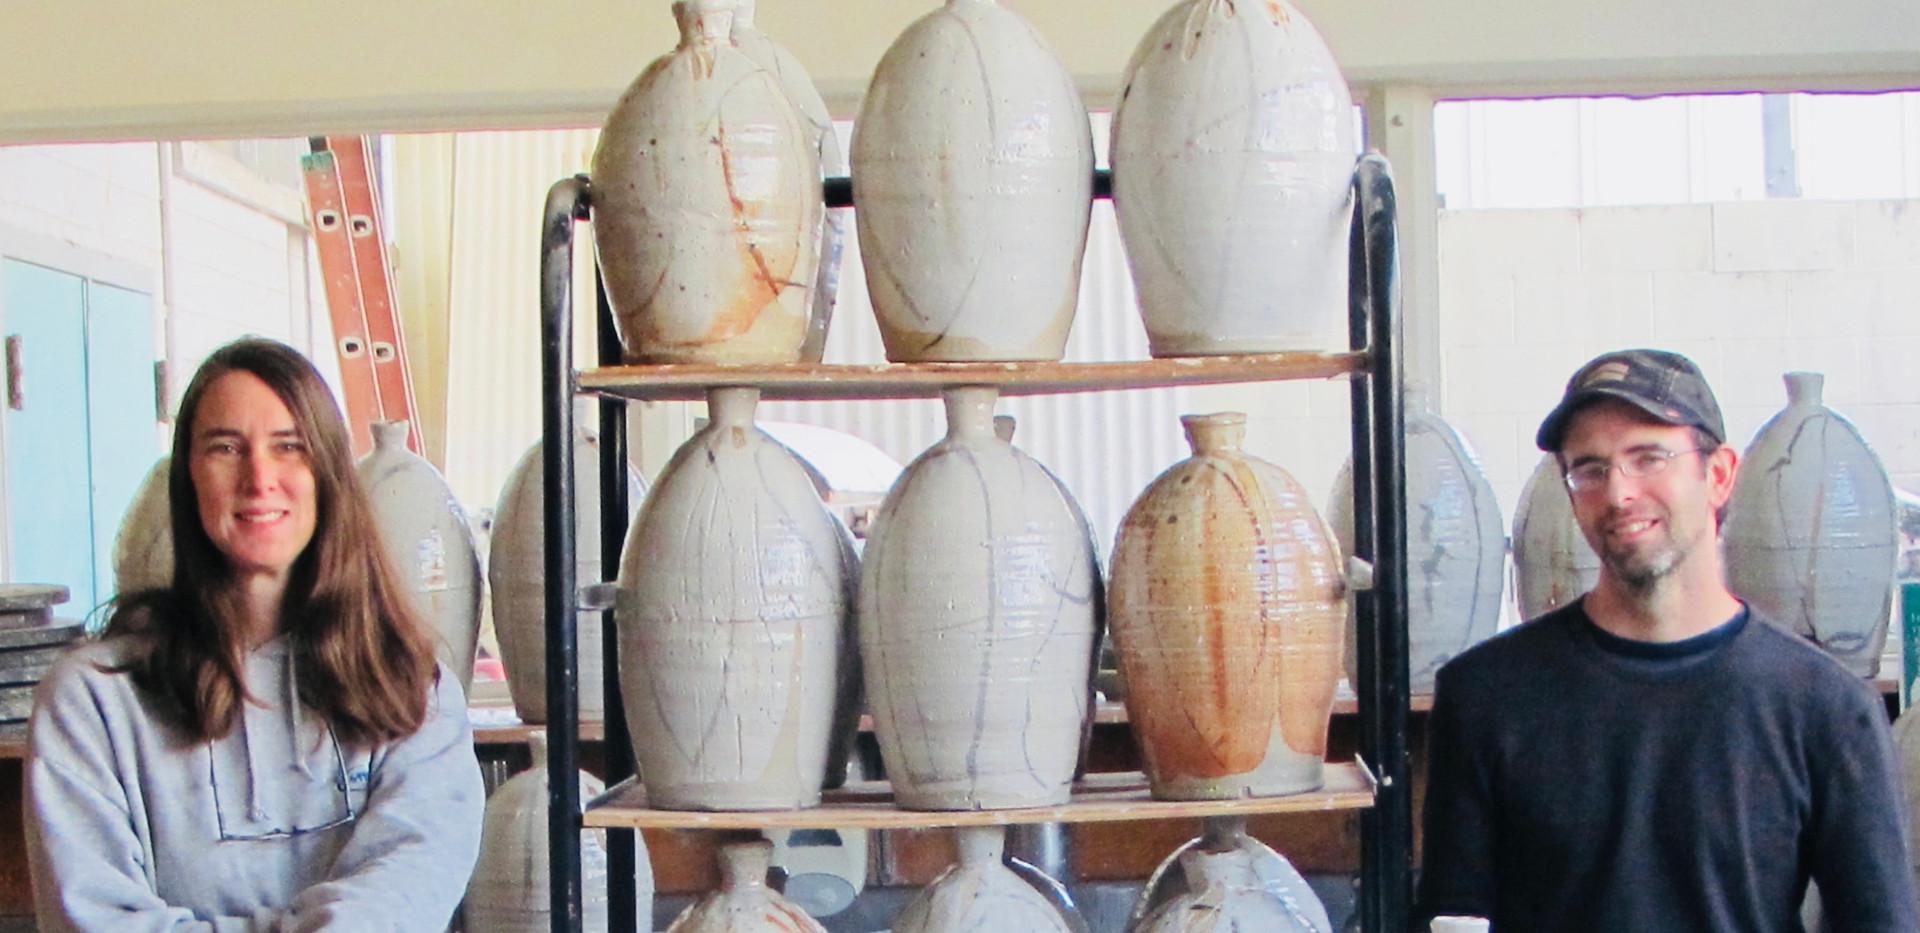 Pabu sake